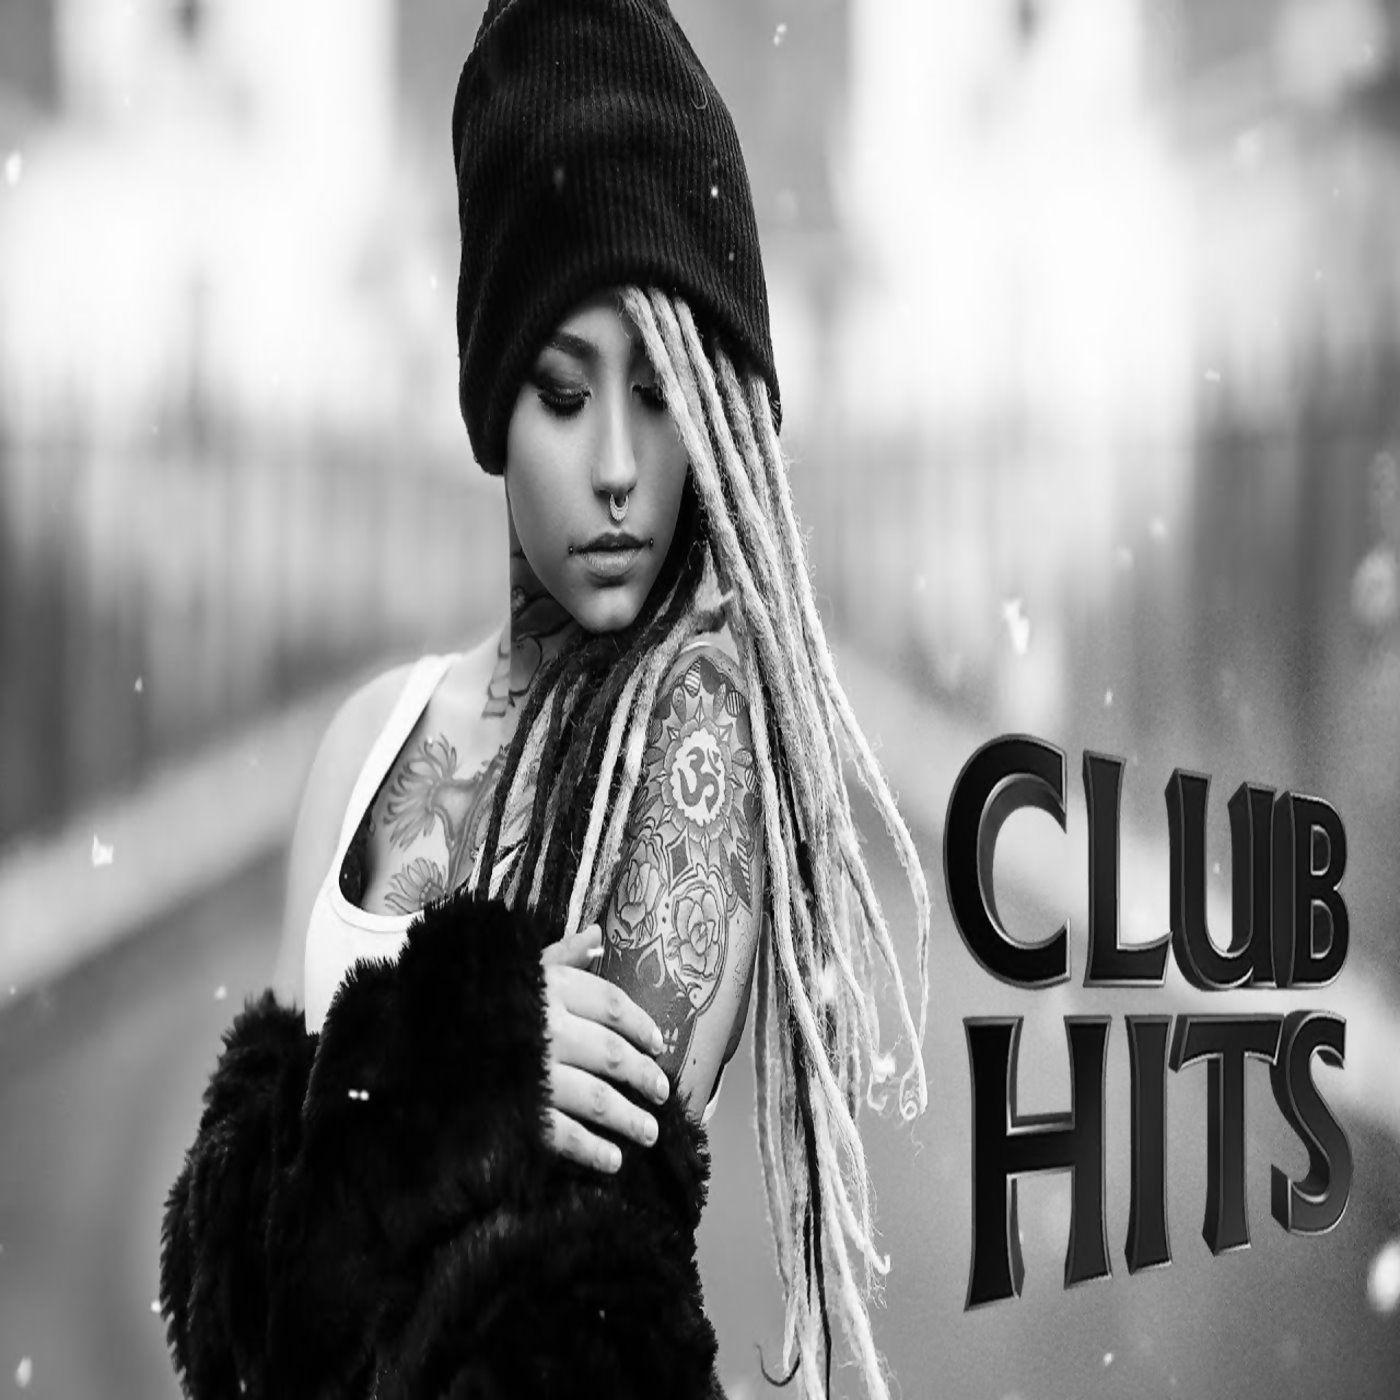 100% RnB Hip Hop Music #12 | Hip Hop Mix 2018 | Best Hot R&B Urban